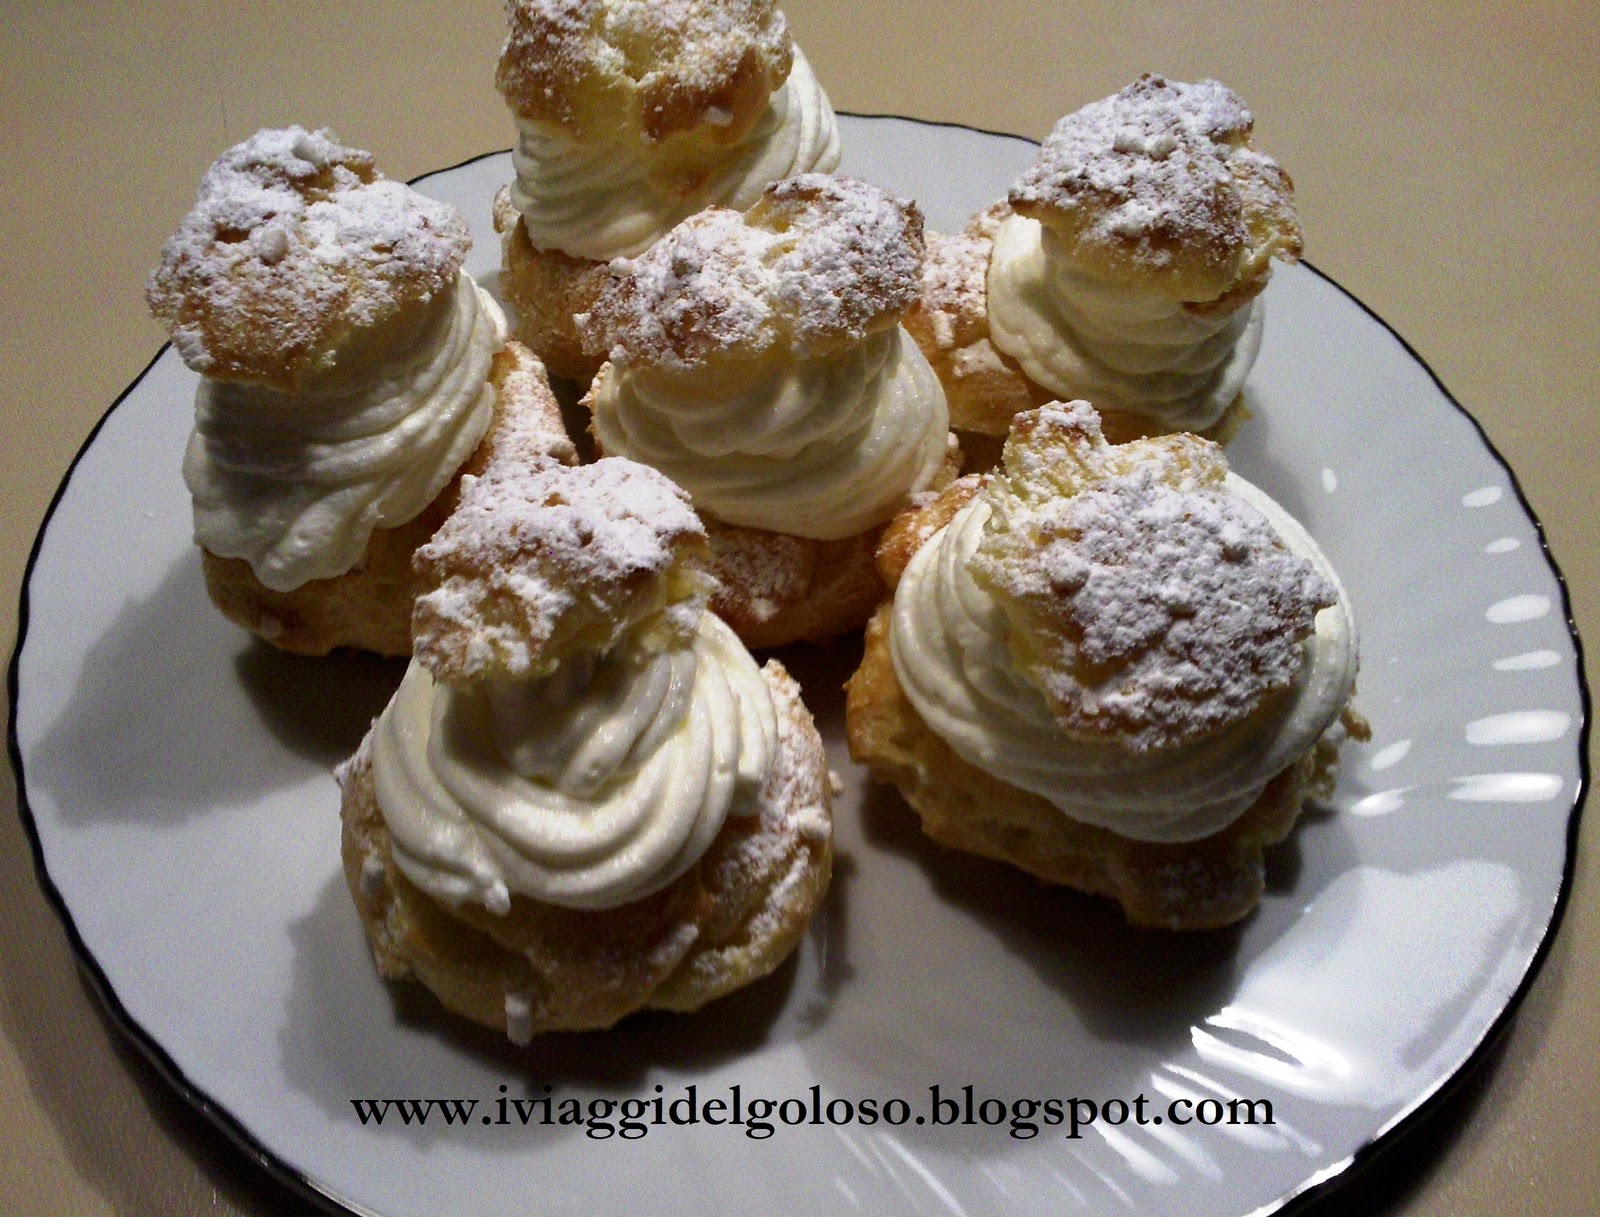 Cavolini con panna montata for Siti ricette dolci